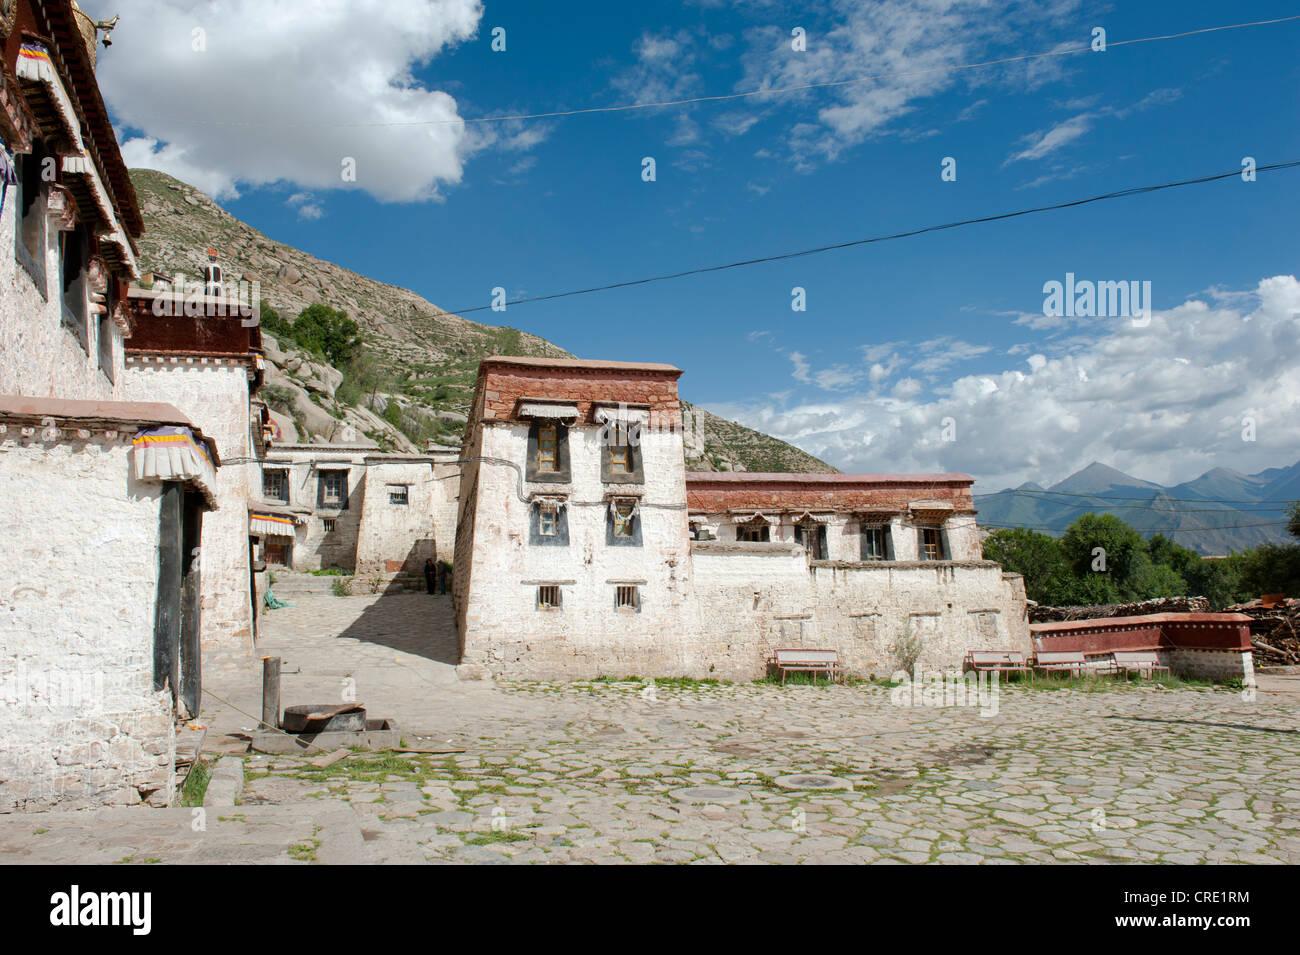 Le bouddhisme tibétain, bâtiment derrière la salle de l'assemblée, Monastère de Séra, Photo Stock